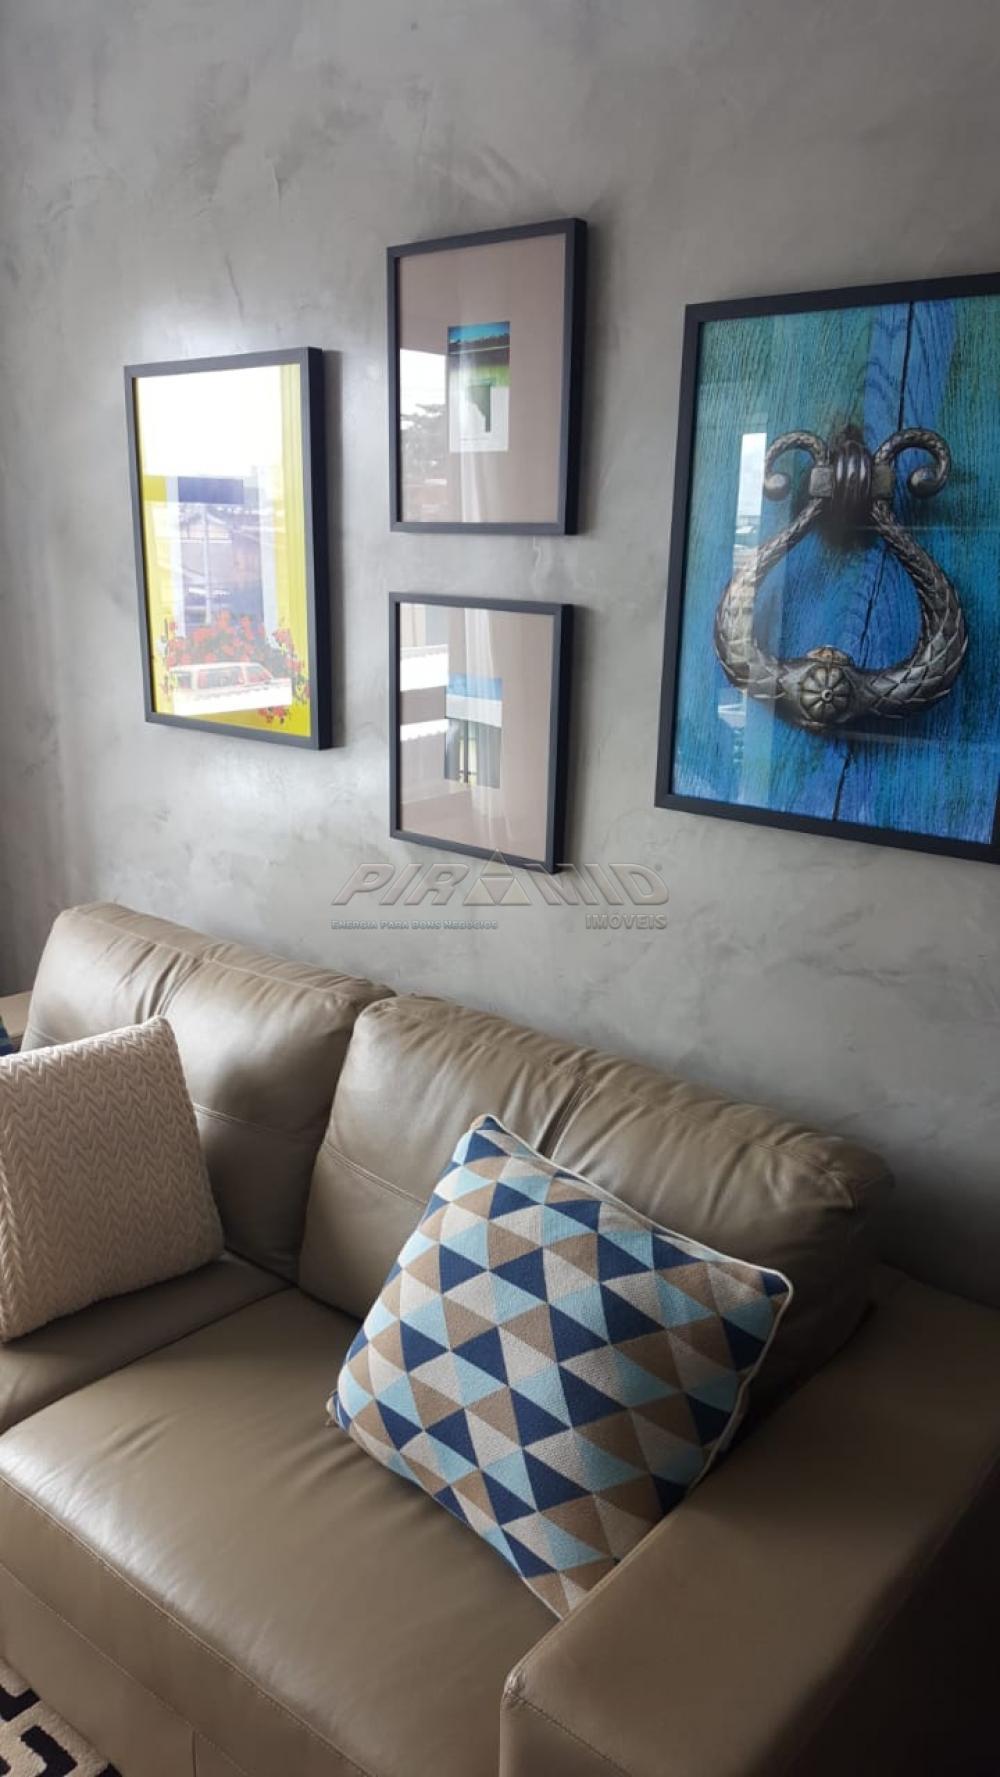 Comprar Apartamento / Padrão em Ribeirão Preto apenas R$ 203.320,00 - Foto 2